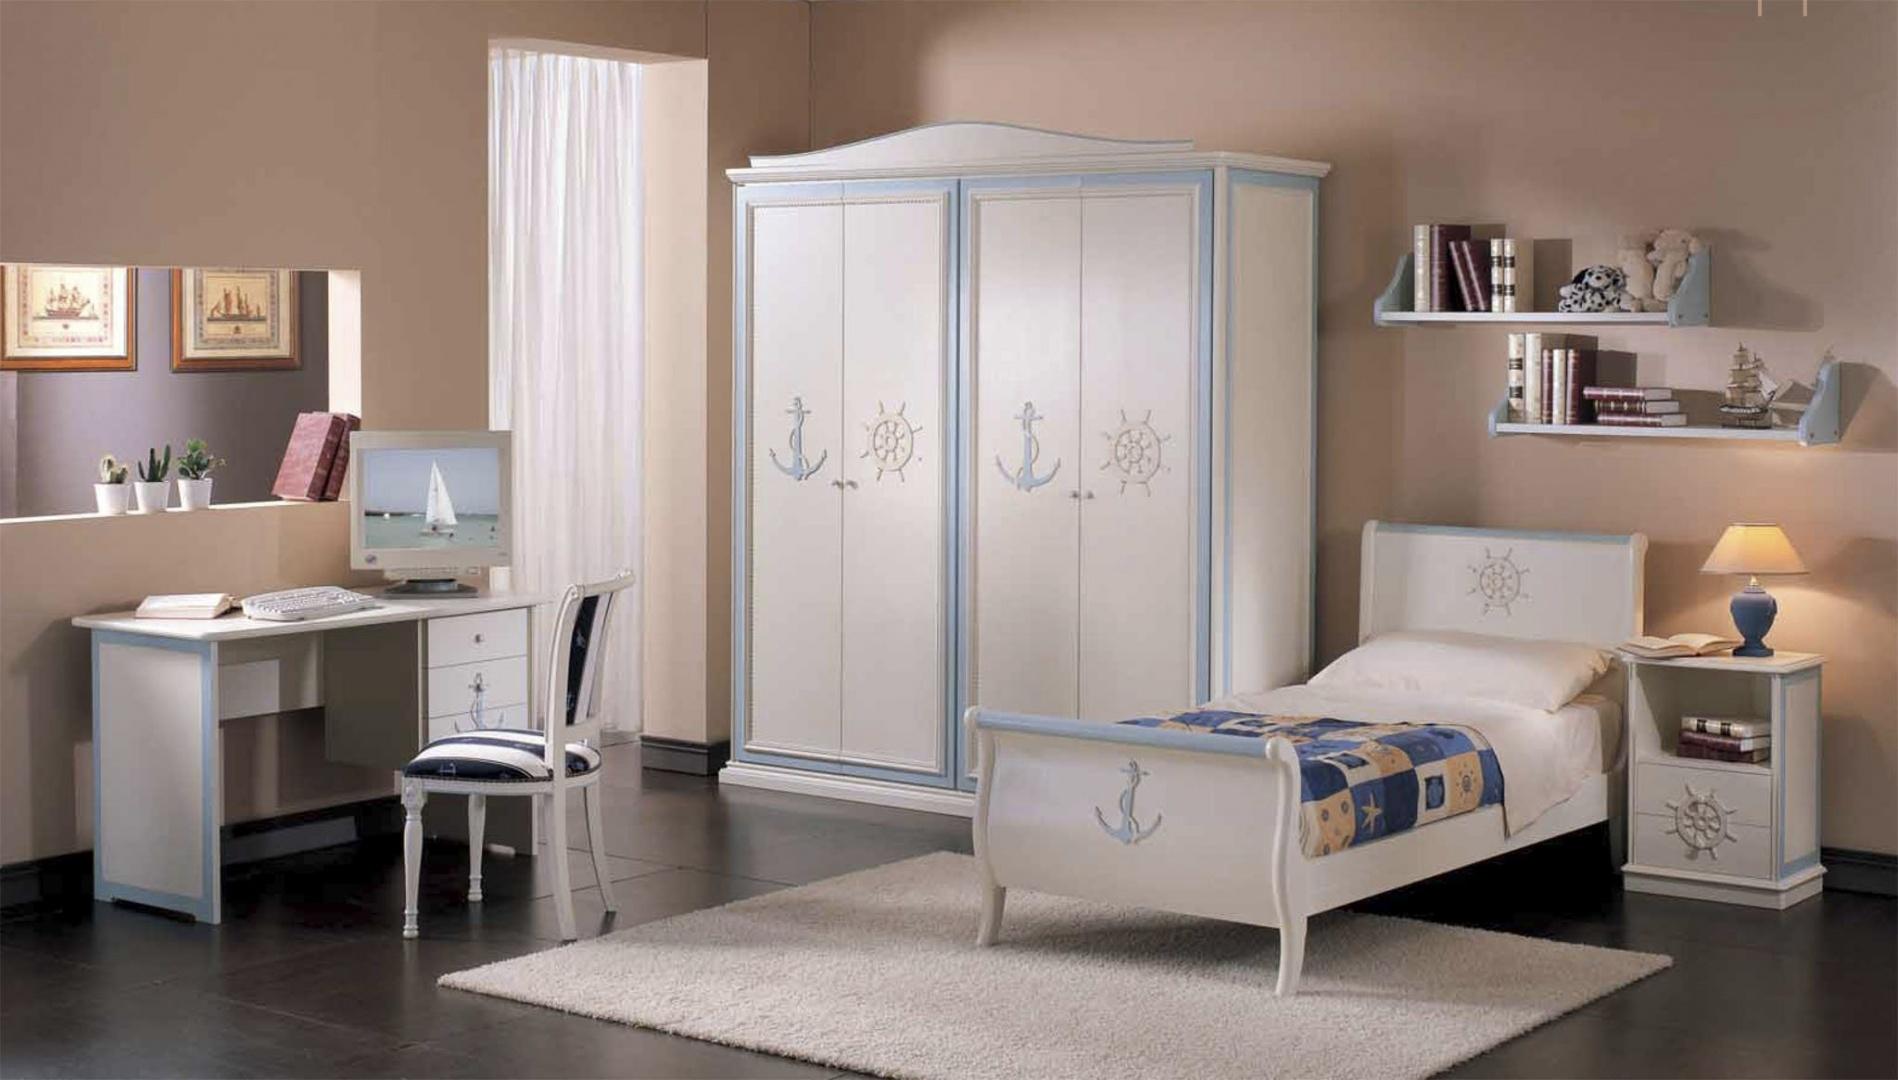 Skypper мебель для детской IM90